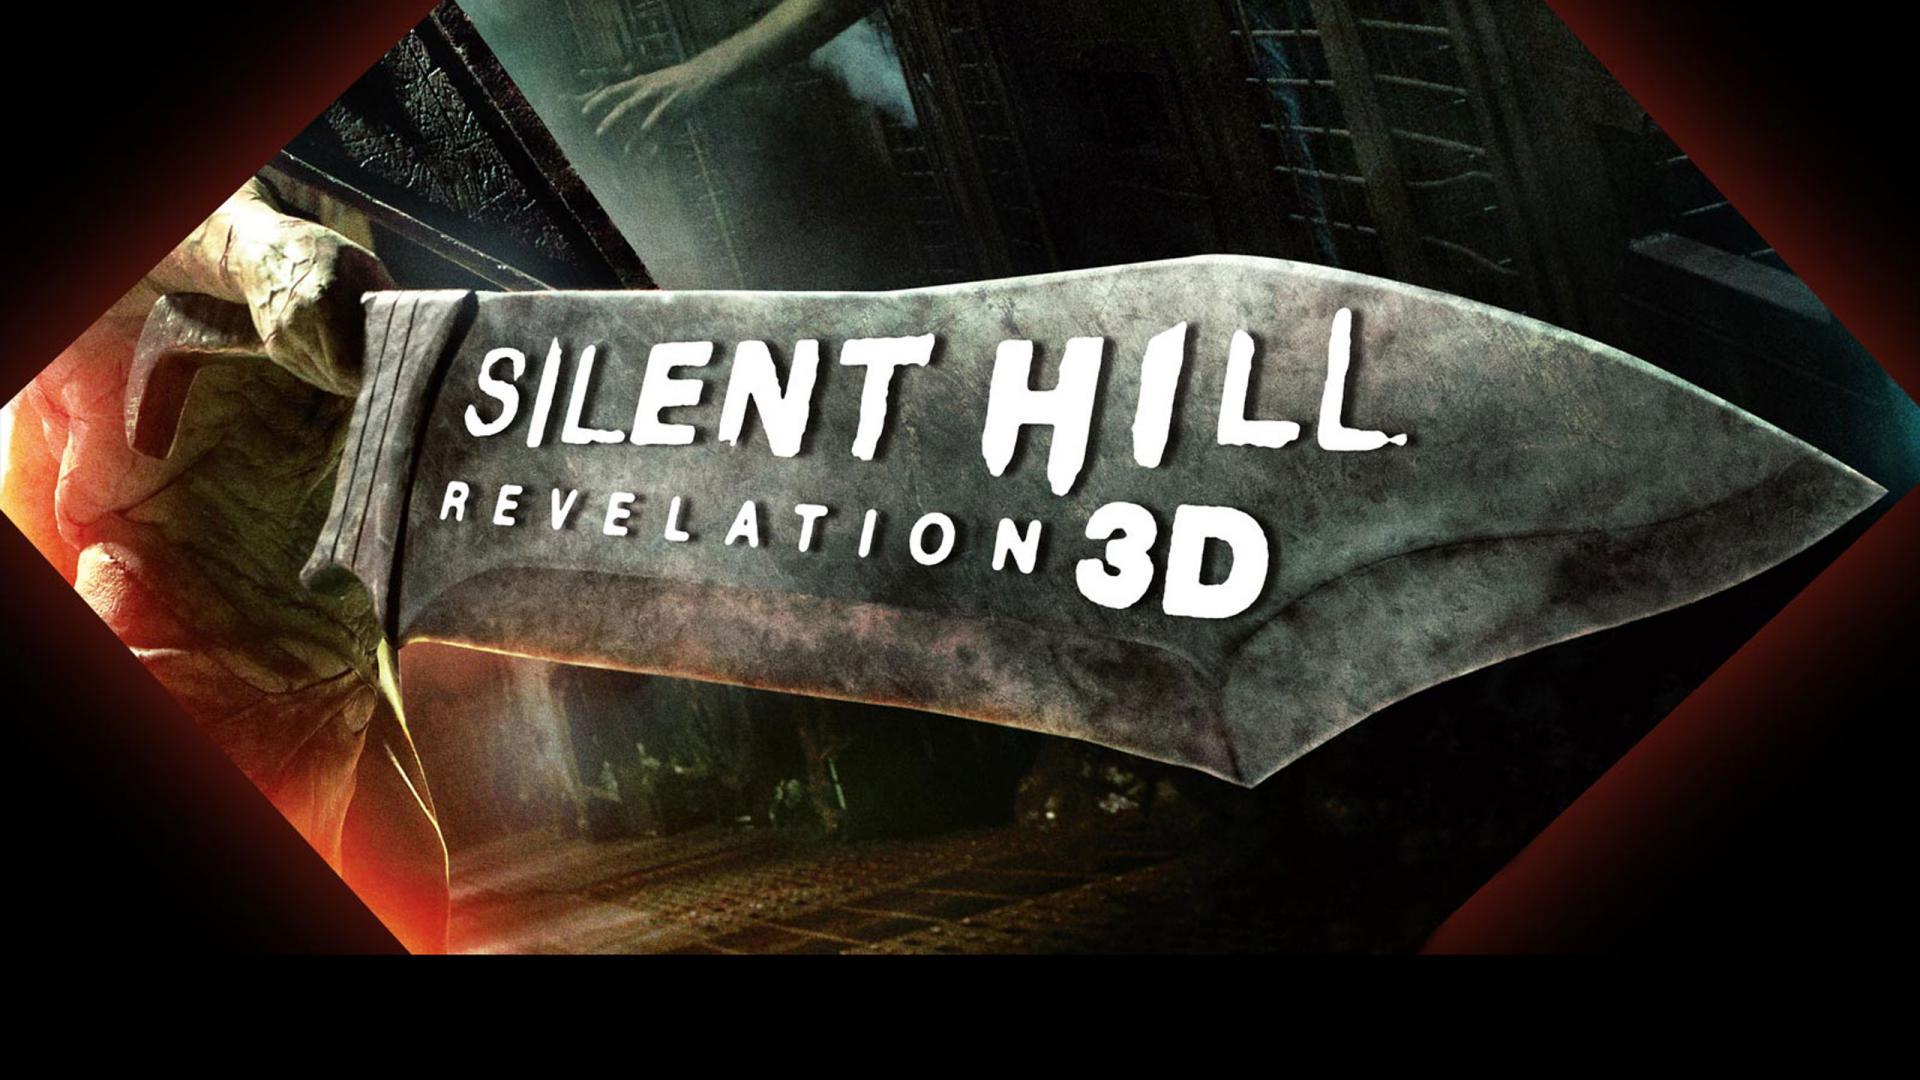 Silent Hill Revelation Wallpaper 2 Wallpapersbq